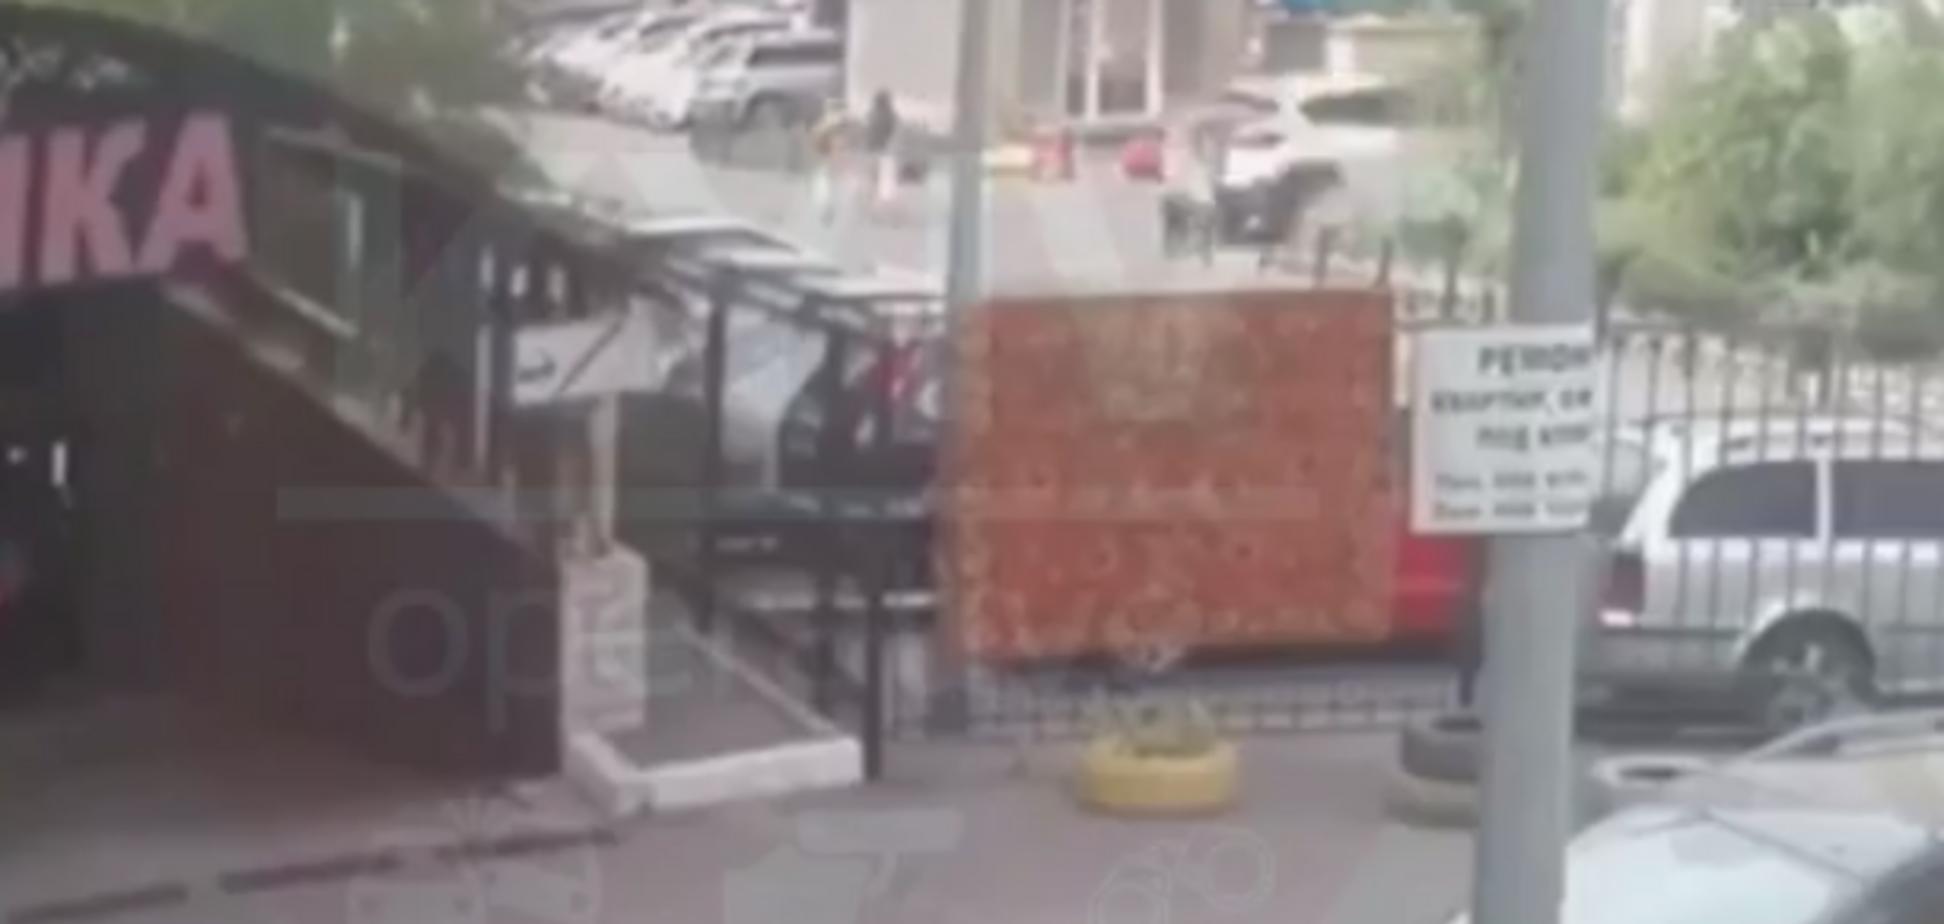 Переплутала педалі і розчавила матір із дитиною: з'явилося відео страшної ДТП у Києві. 18+